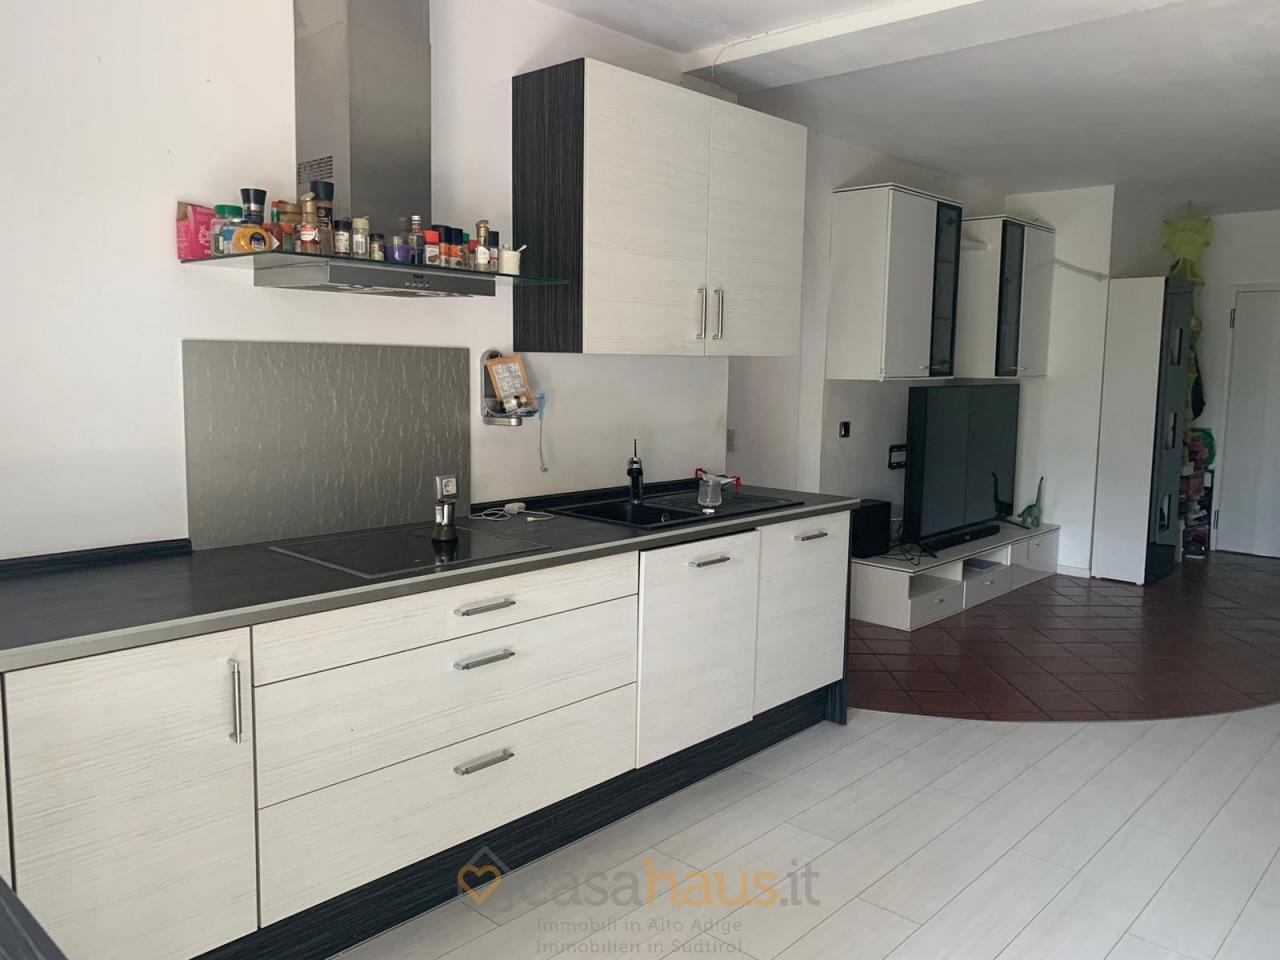 Appartamento in vendita a Lana, 4 locali, prezzo € 385.000 | CambioCasa.it